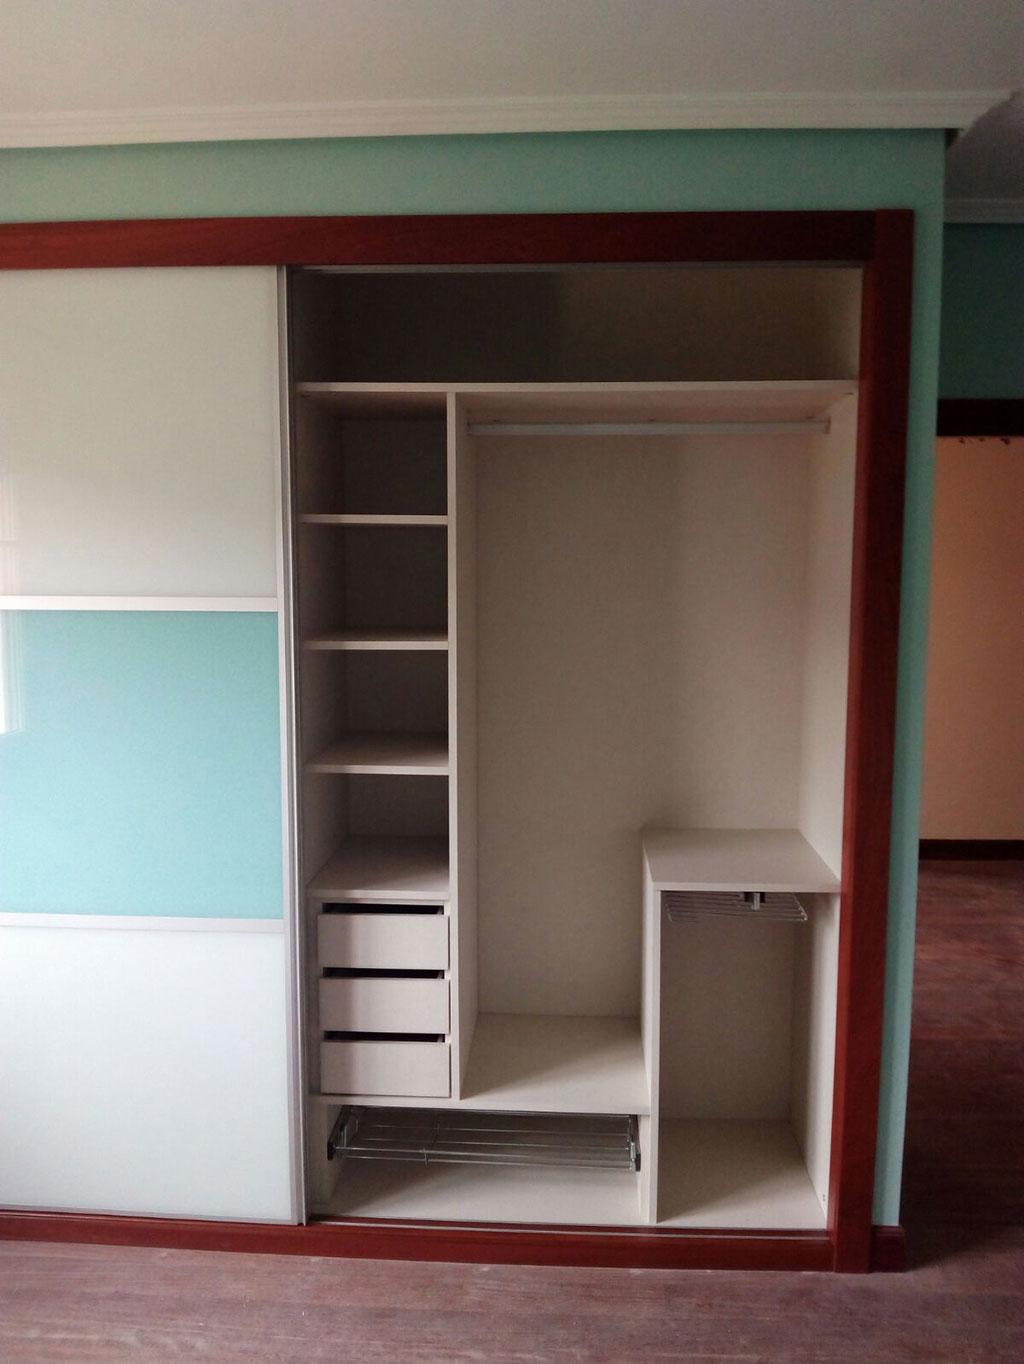 Interior armario con accesorios artelan armairuak - Accesorios para armarios ...